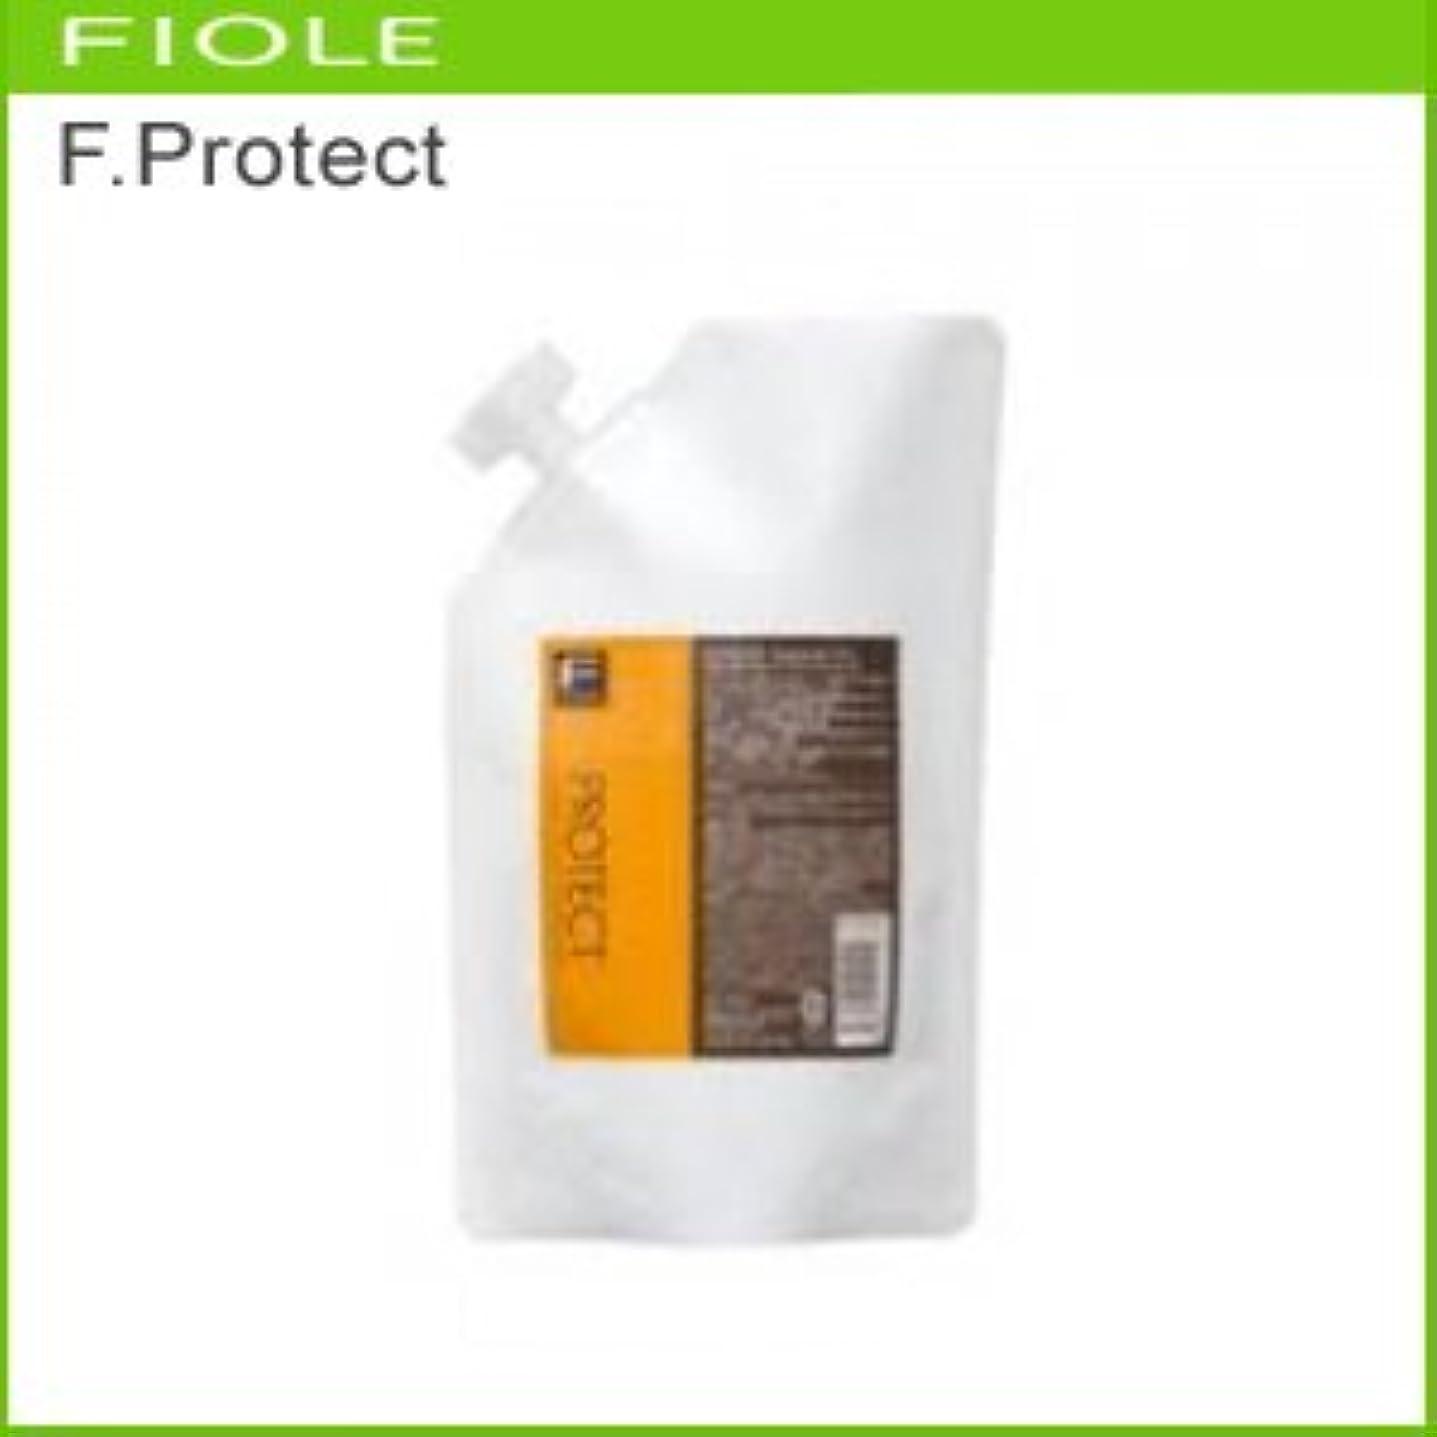 溶かす熟考する乳剤【X2個セット】 フィヨーレ Fプロテクト フォルムキーパー 500ml 詰替え用